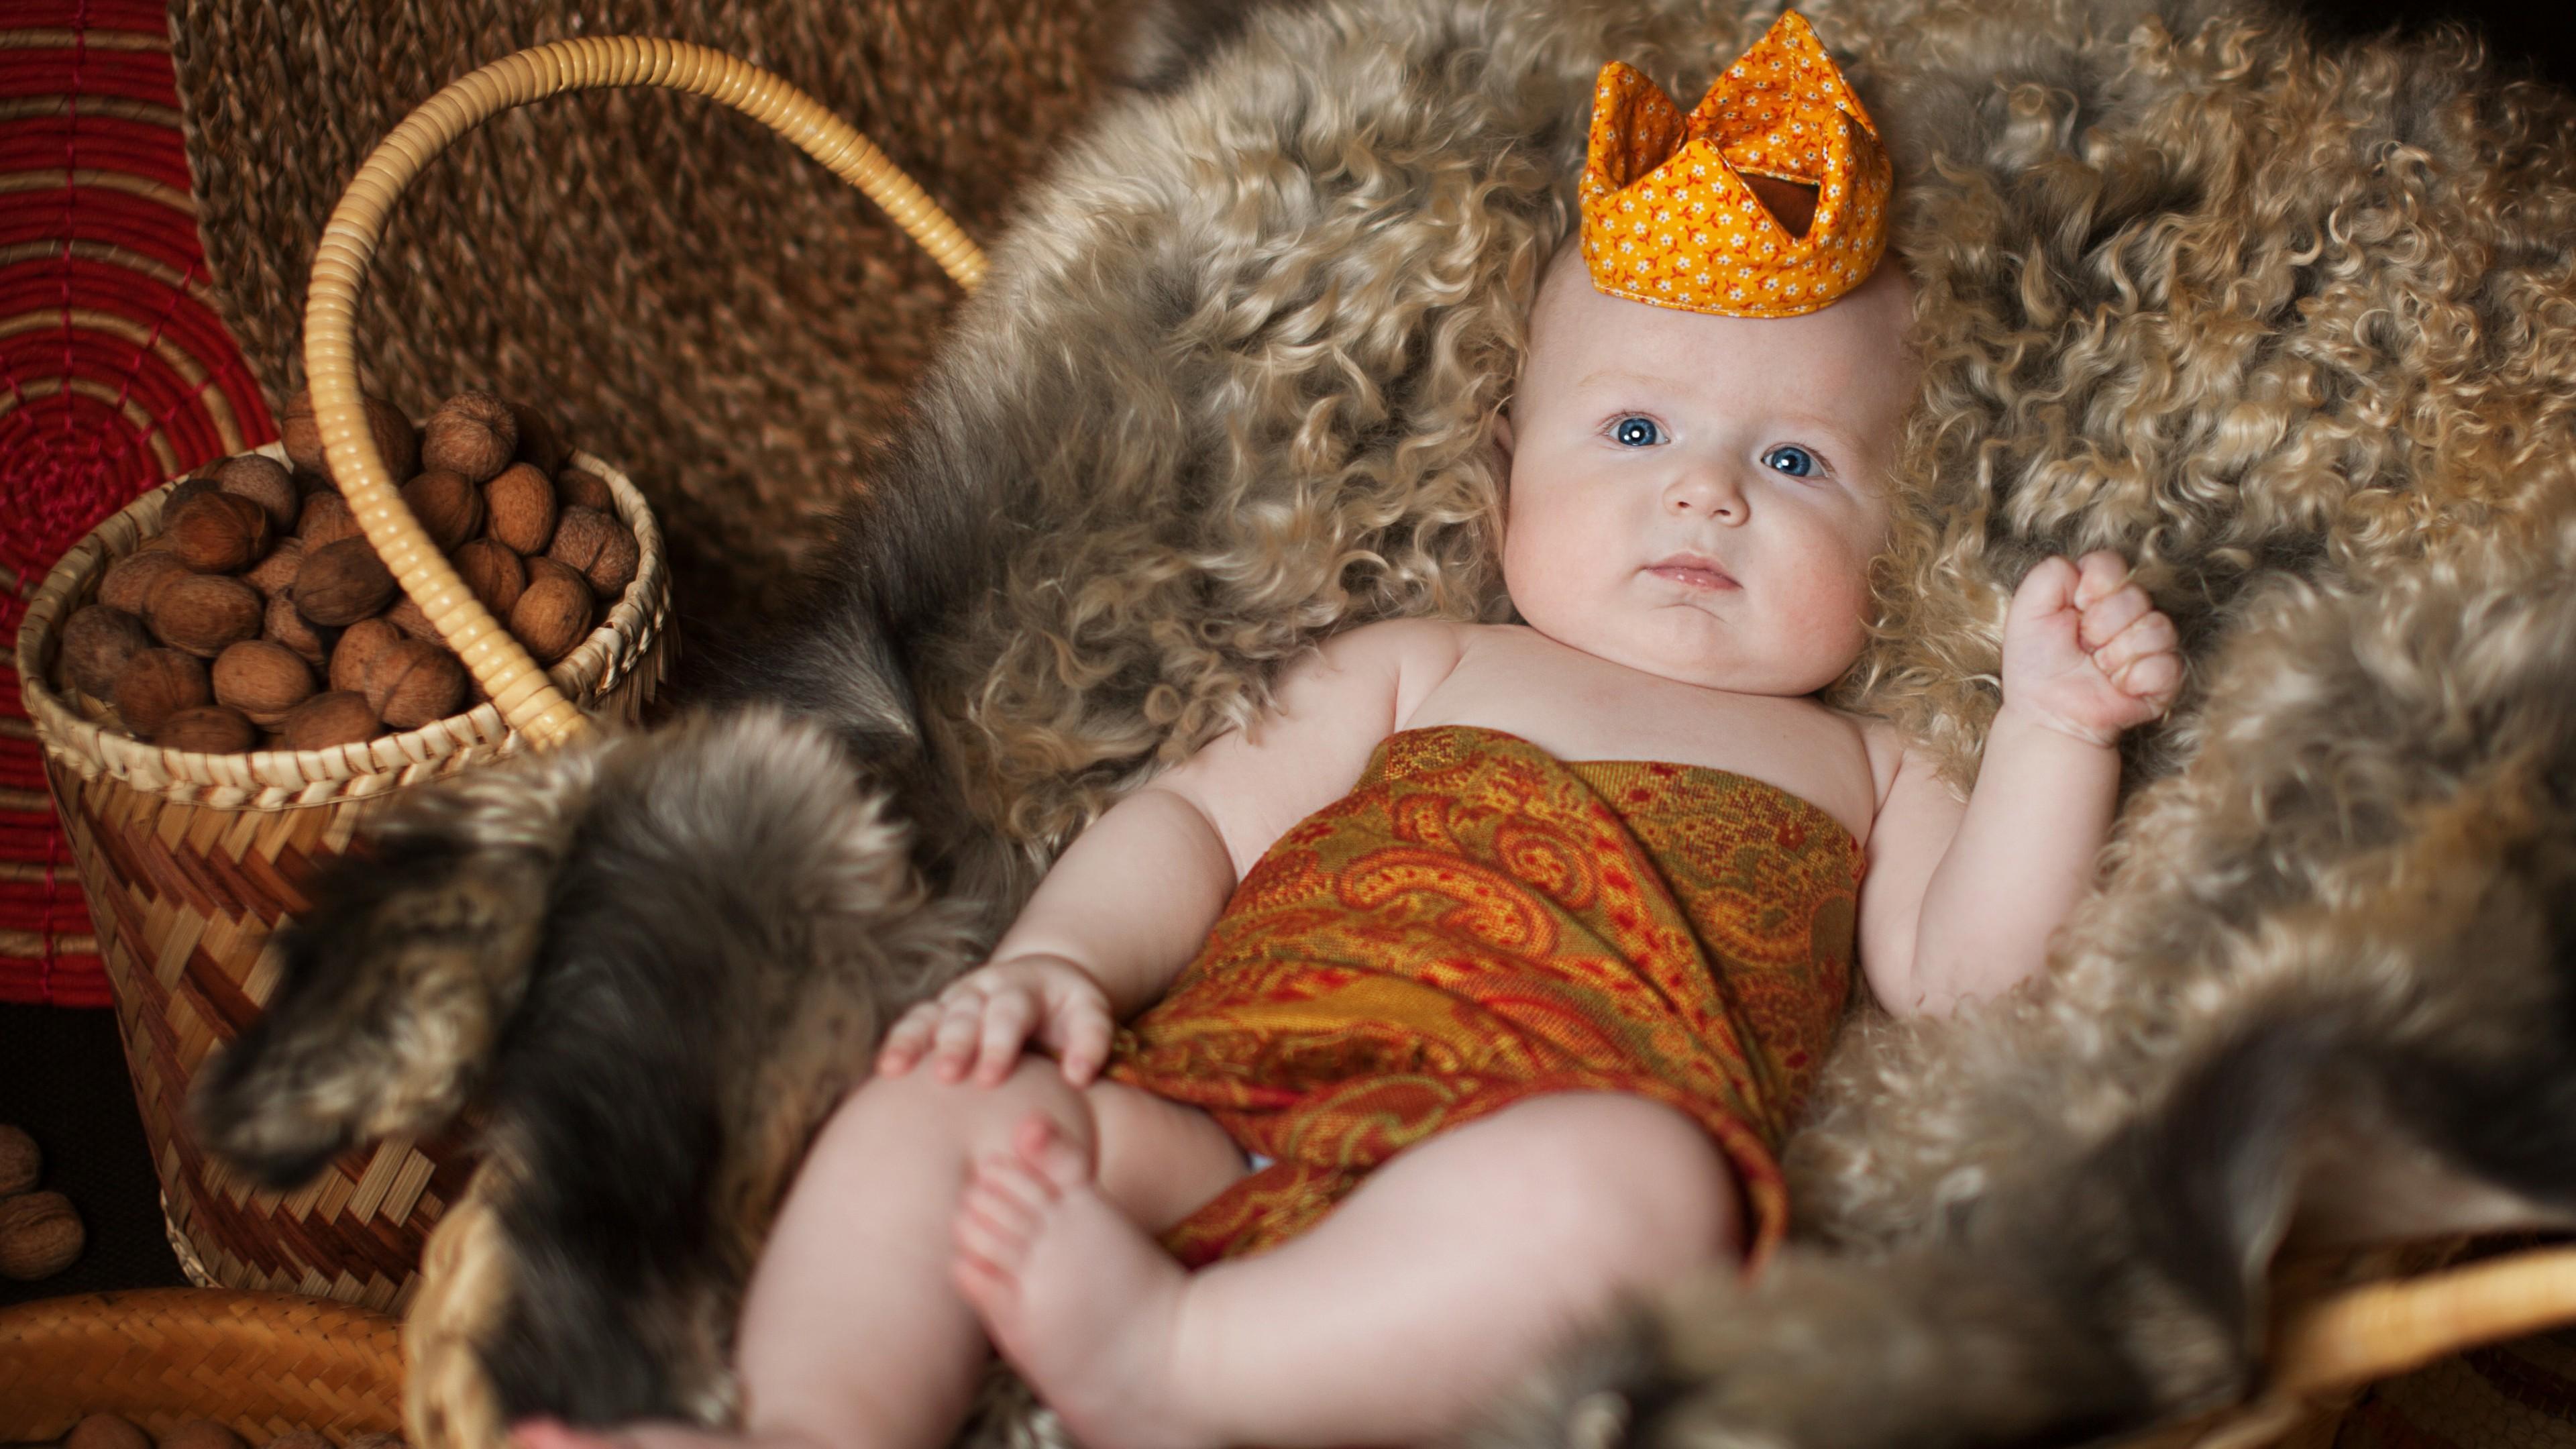 Прелестный малыш в короне и глазками-бусинками в корзине с роскошным мехом